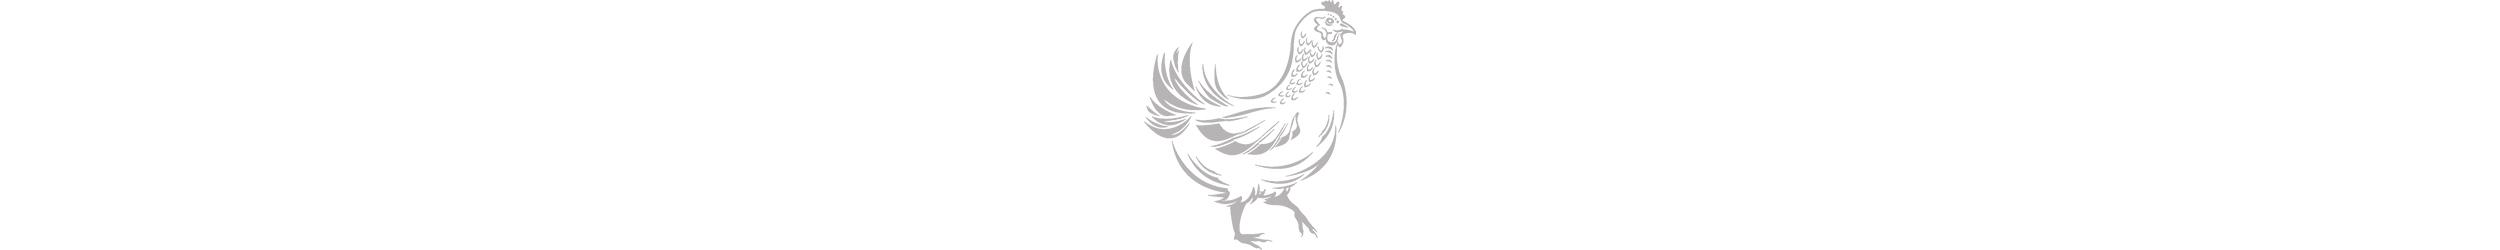 RF_Chicken_white_sqsp_pagebreak.jpg